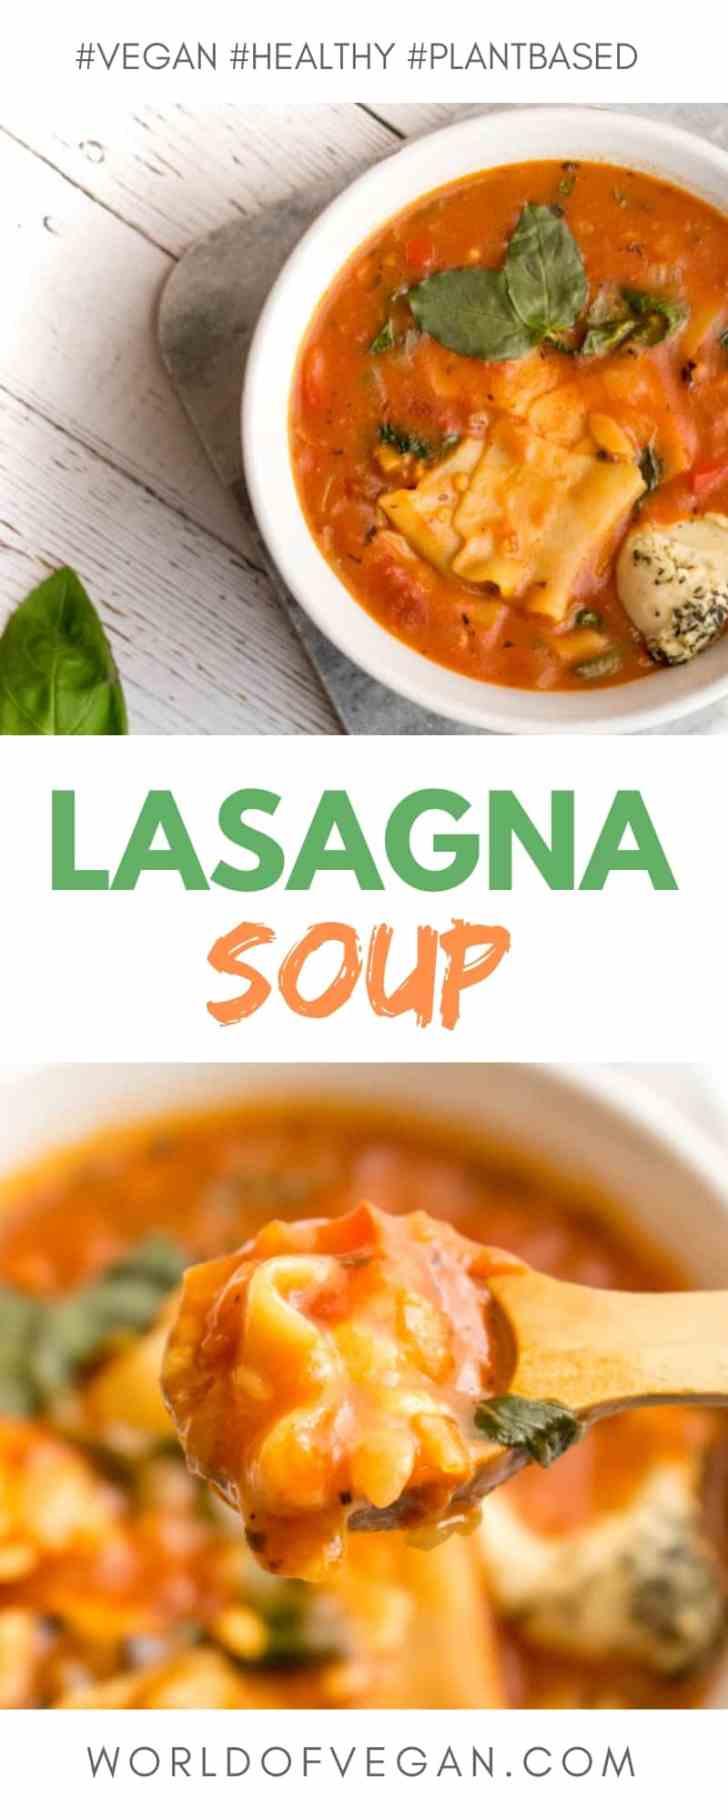 Lasagna Soup | Super-Easy Vegan Recipe | WorldOfVegan.com | #vegan #soup #winter #recipe #lasagna